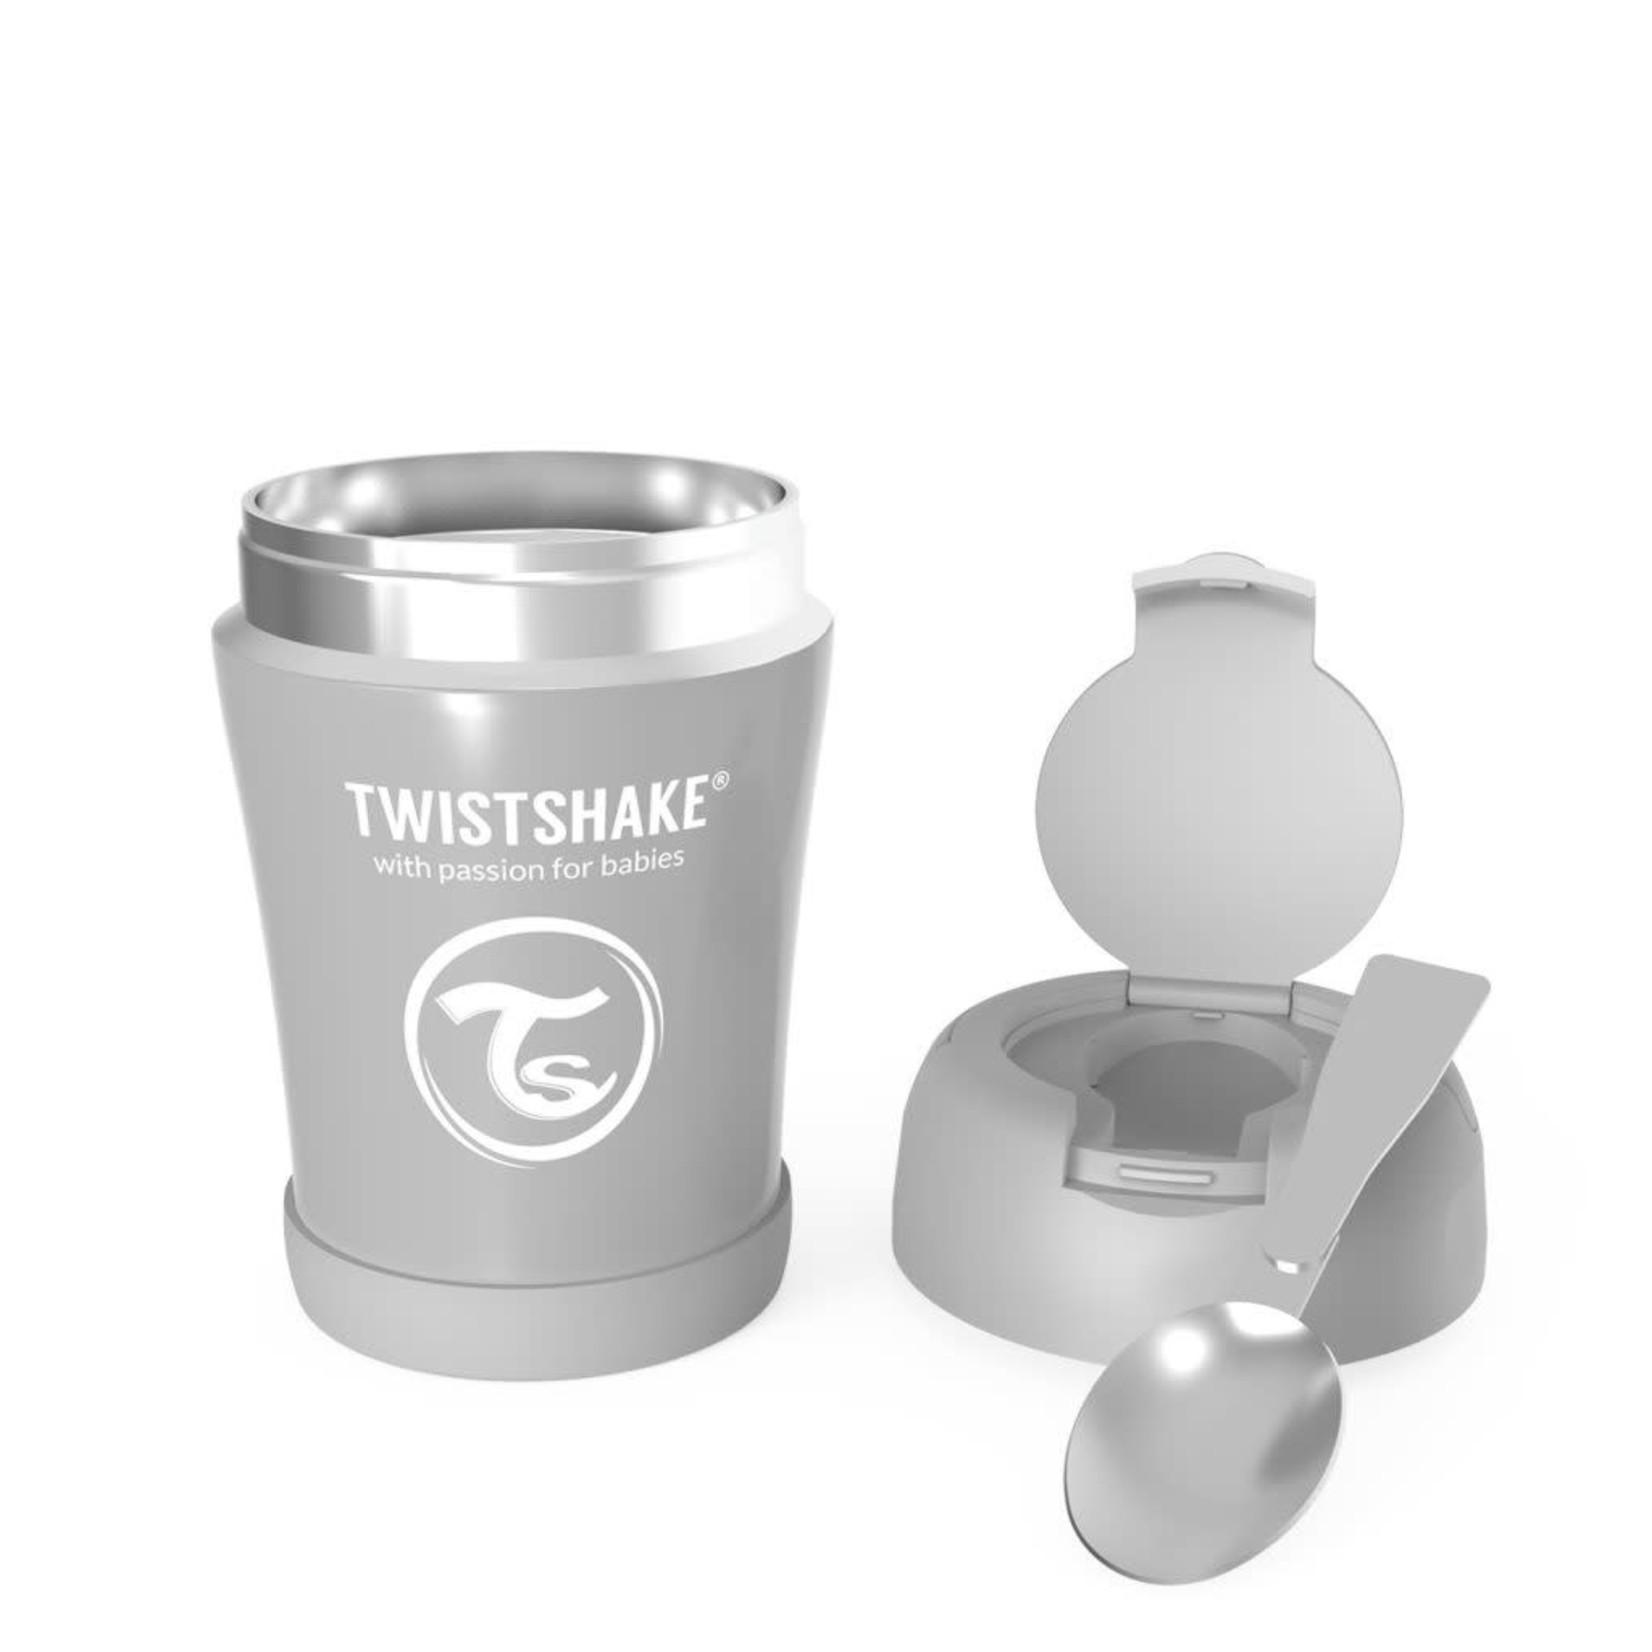 Twistshake VOEDINGSDOOS PASTEL GRIJS